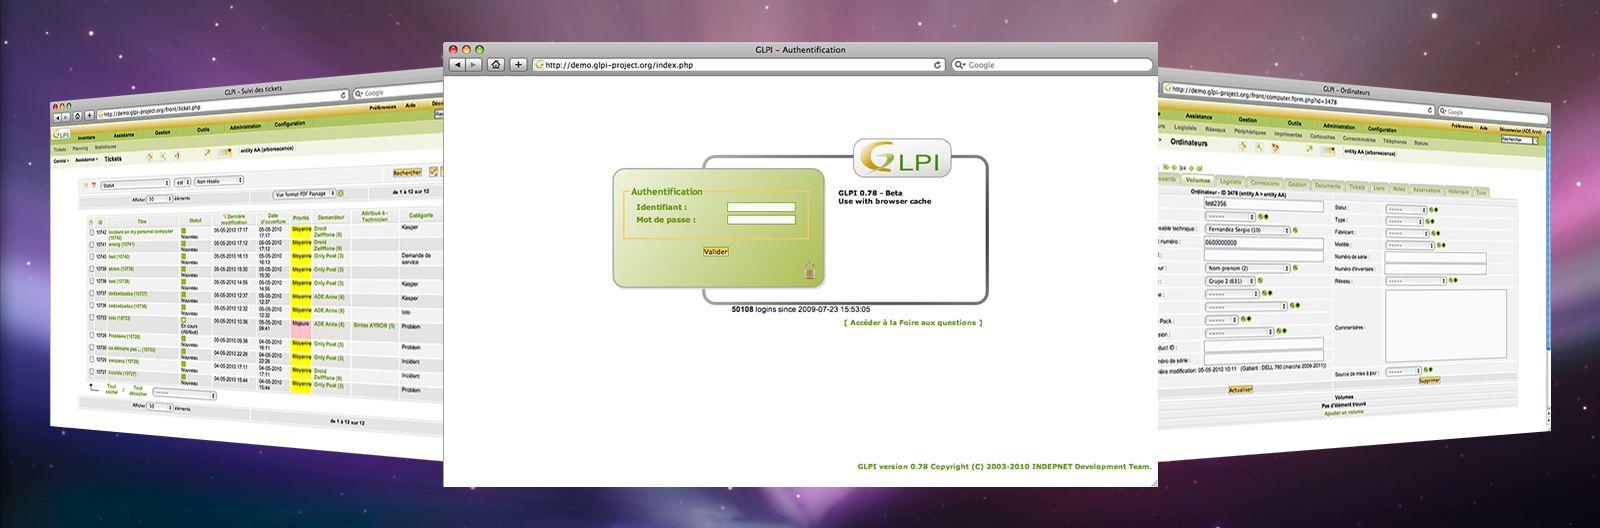 glpi_screen_01